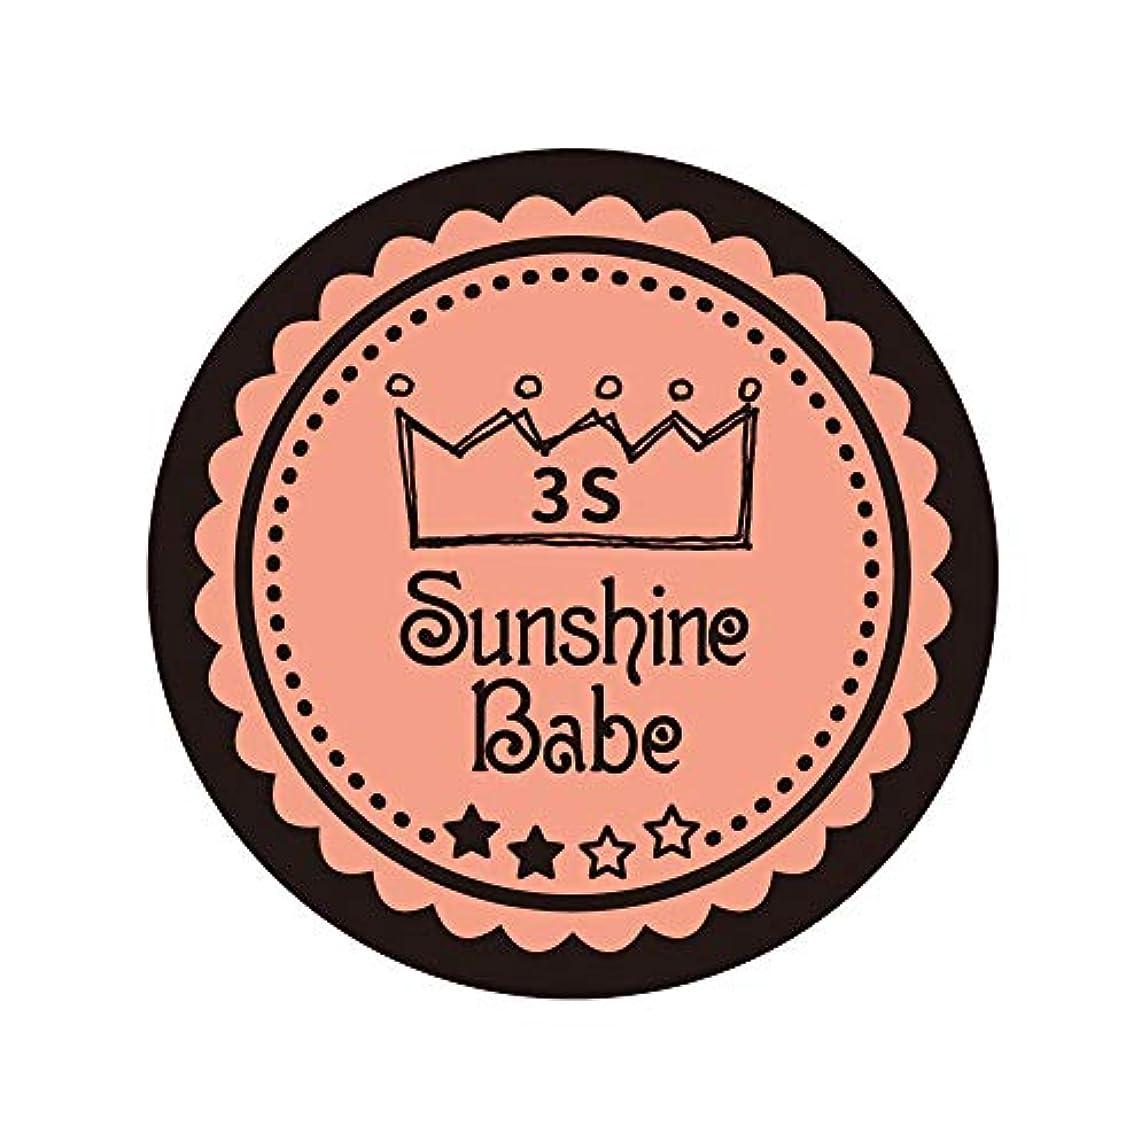 敬意を表する濃度私たち自身Sunshine Babe カラージェル 3S ブルーミングダリア 2.7g UV/LED対応